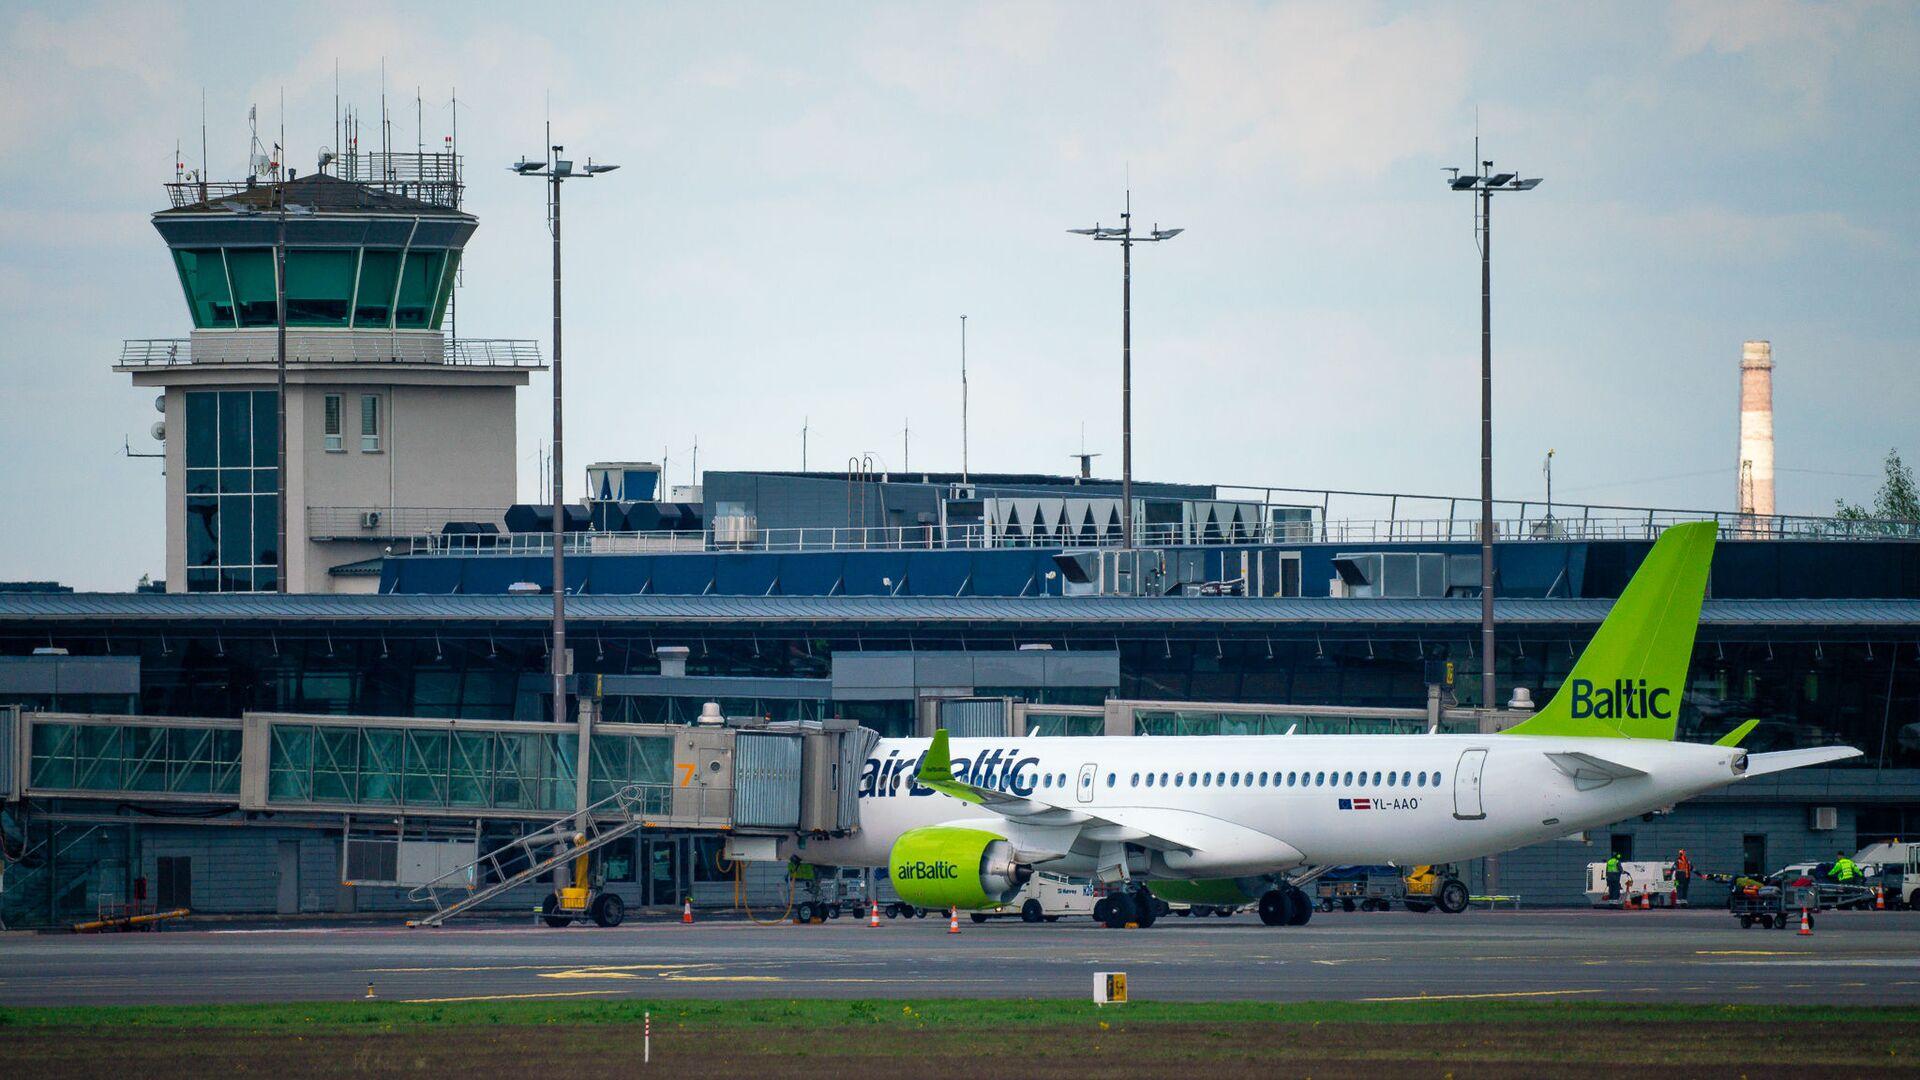 Самолет Airbus a220-300 авиакомпании airBaltic в аэропорту Рига - Sputnik Латвия, 1920, 08.07.2021